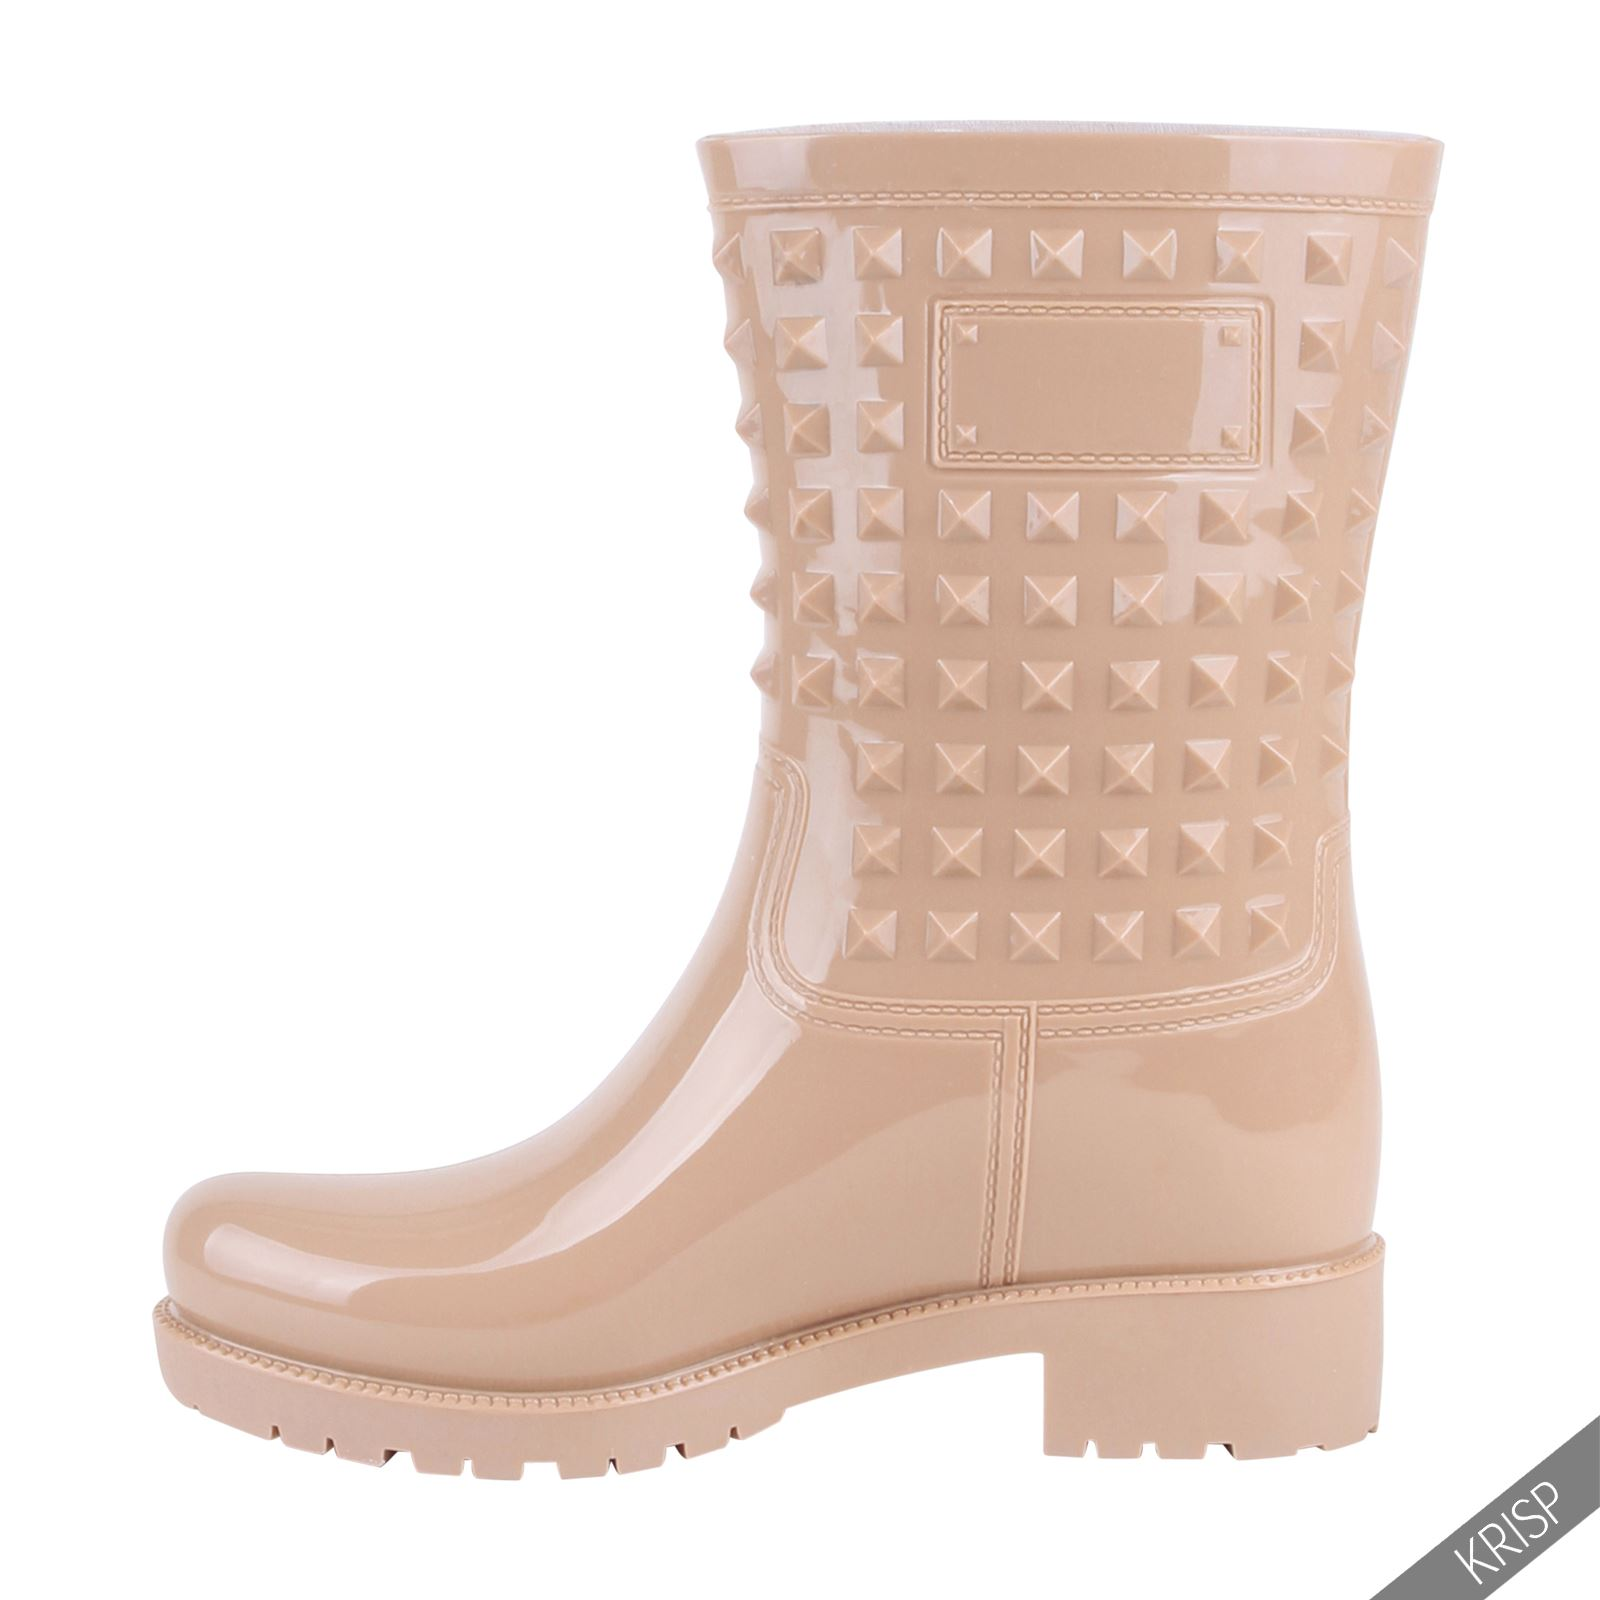 Botas-Agua-Mujer-Barata-Original-Botines-Moda-Comodas-Calzado-Elastico-Juveniles miniatura 8